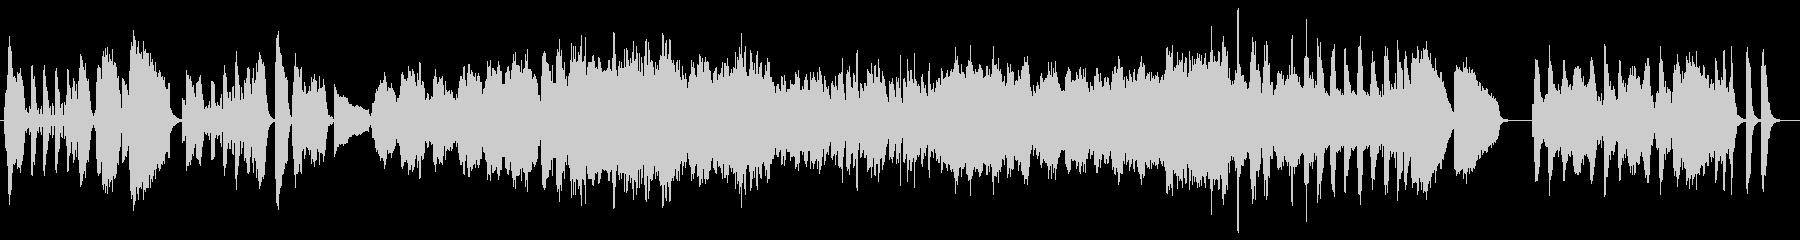 情熱的なバイオリン/クラシック名曲の未再生の波形